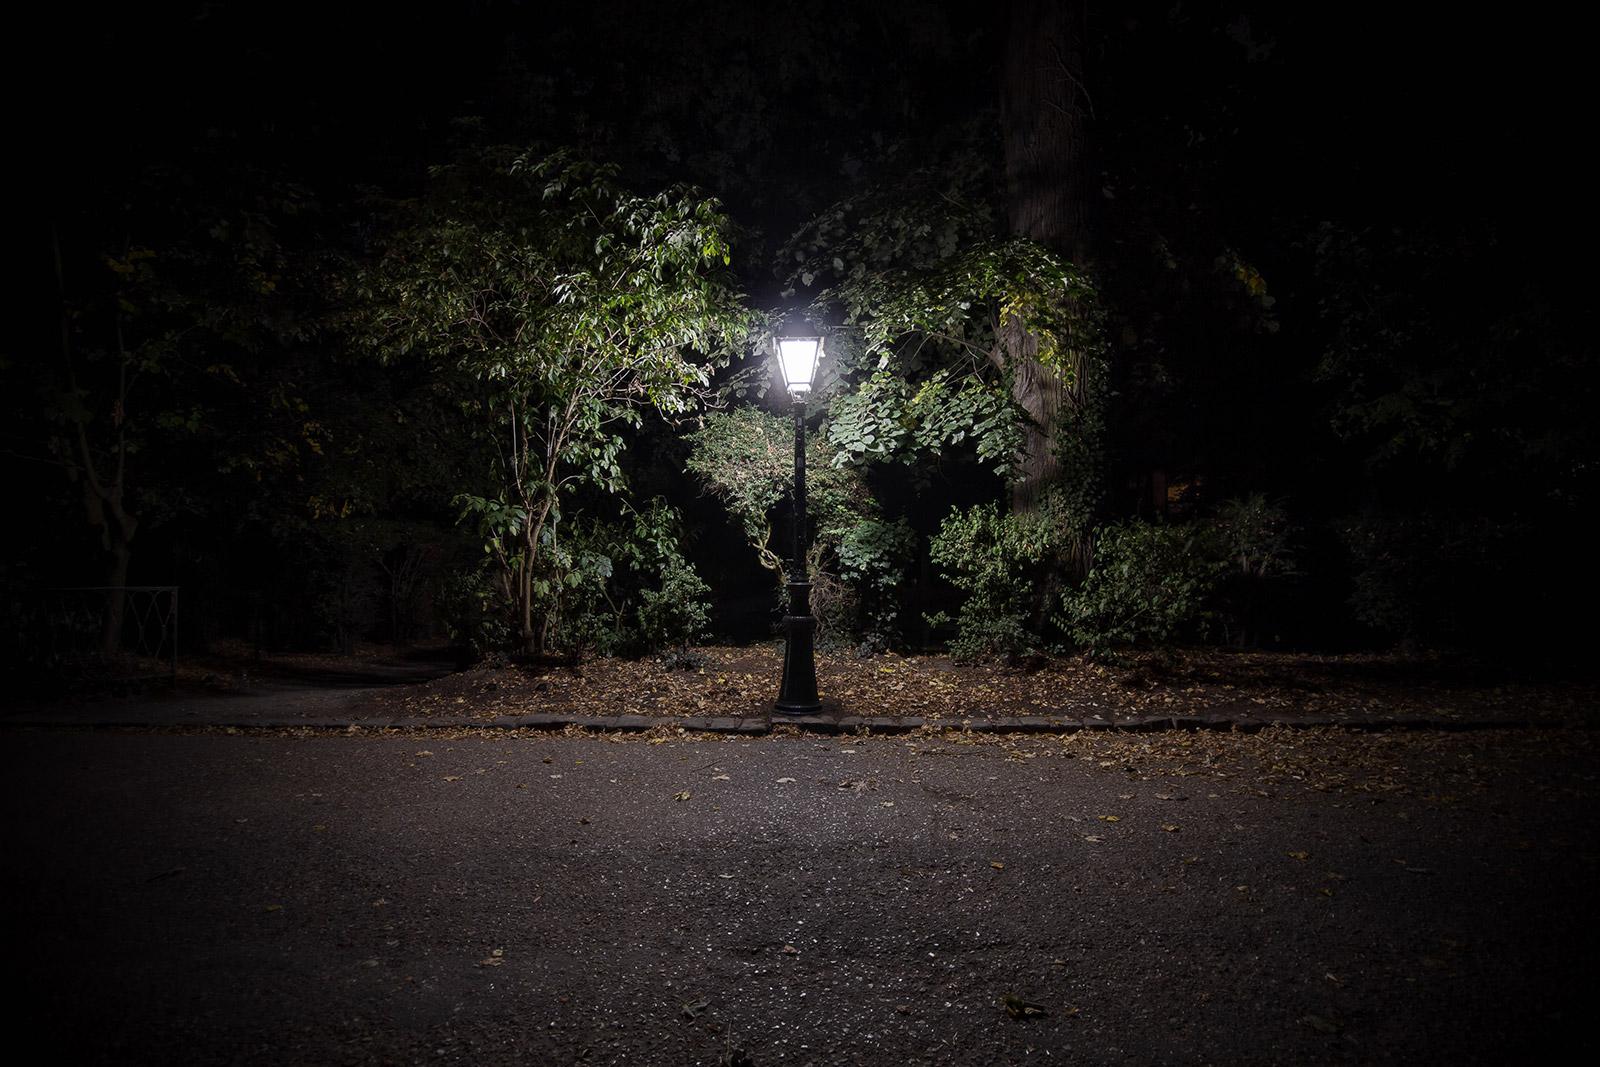 Se mettre au vert - photographie de nuit